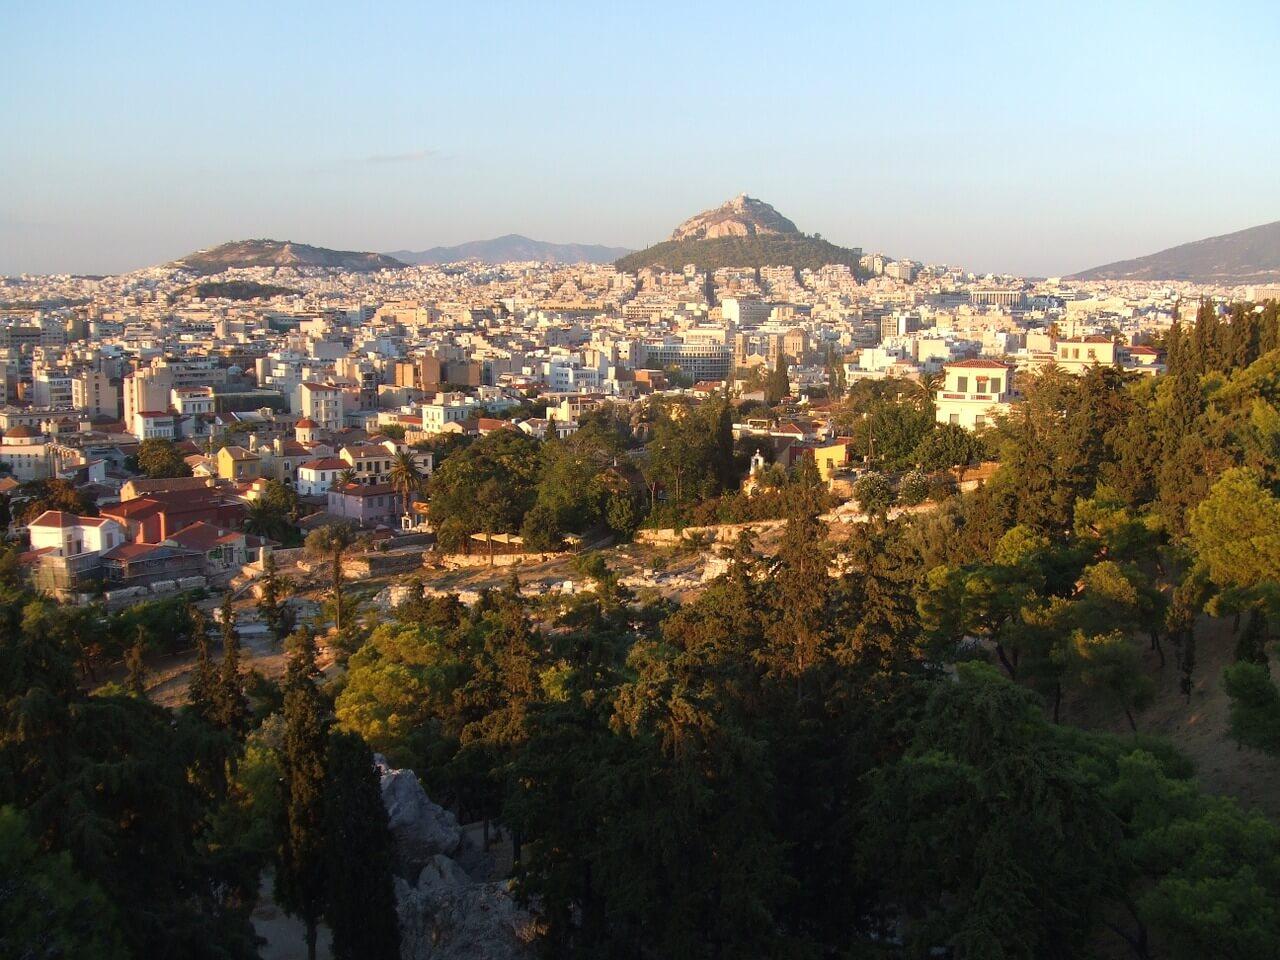 Грекомания: стоит ли покупать недвижимость в Греции